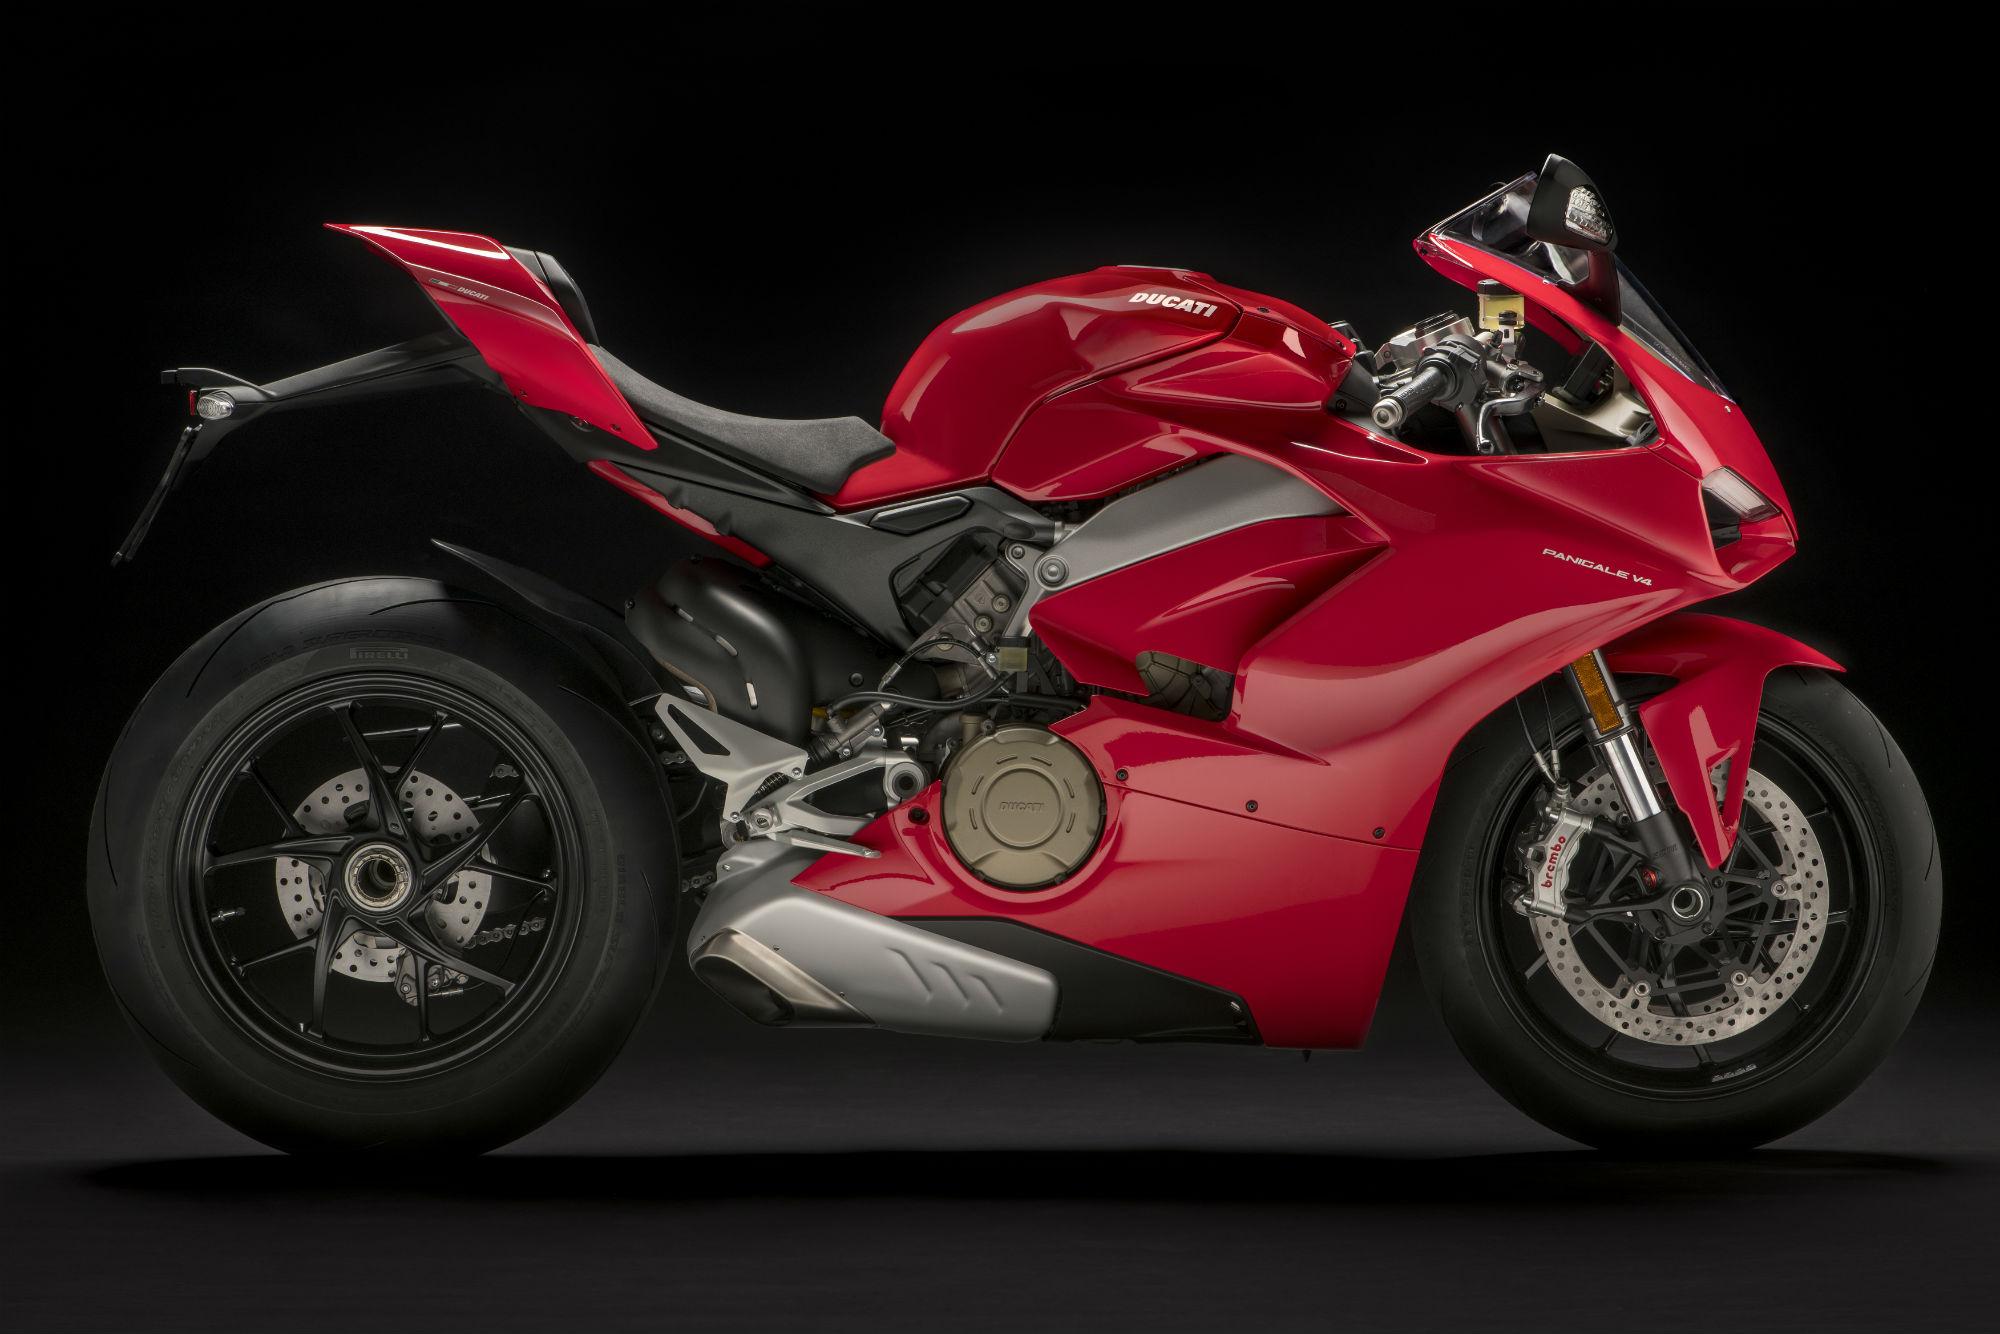 Ducati unveils Panigale V4 ahead of EICMA | Visordown